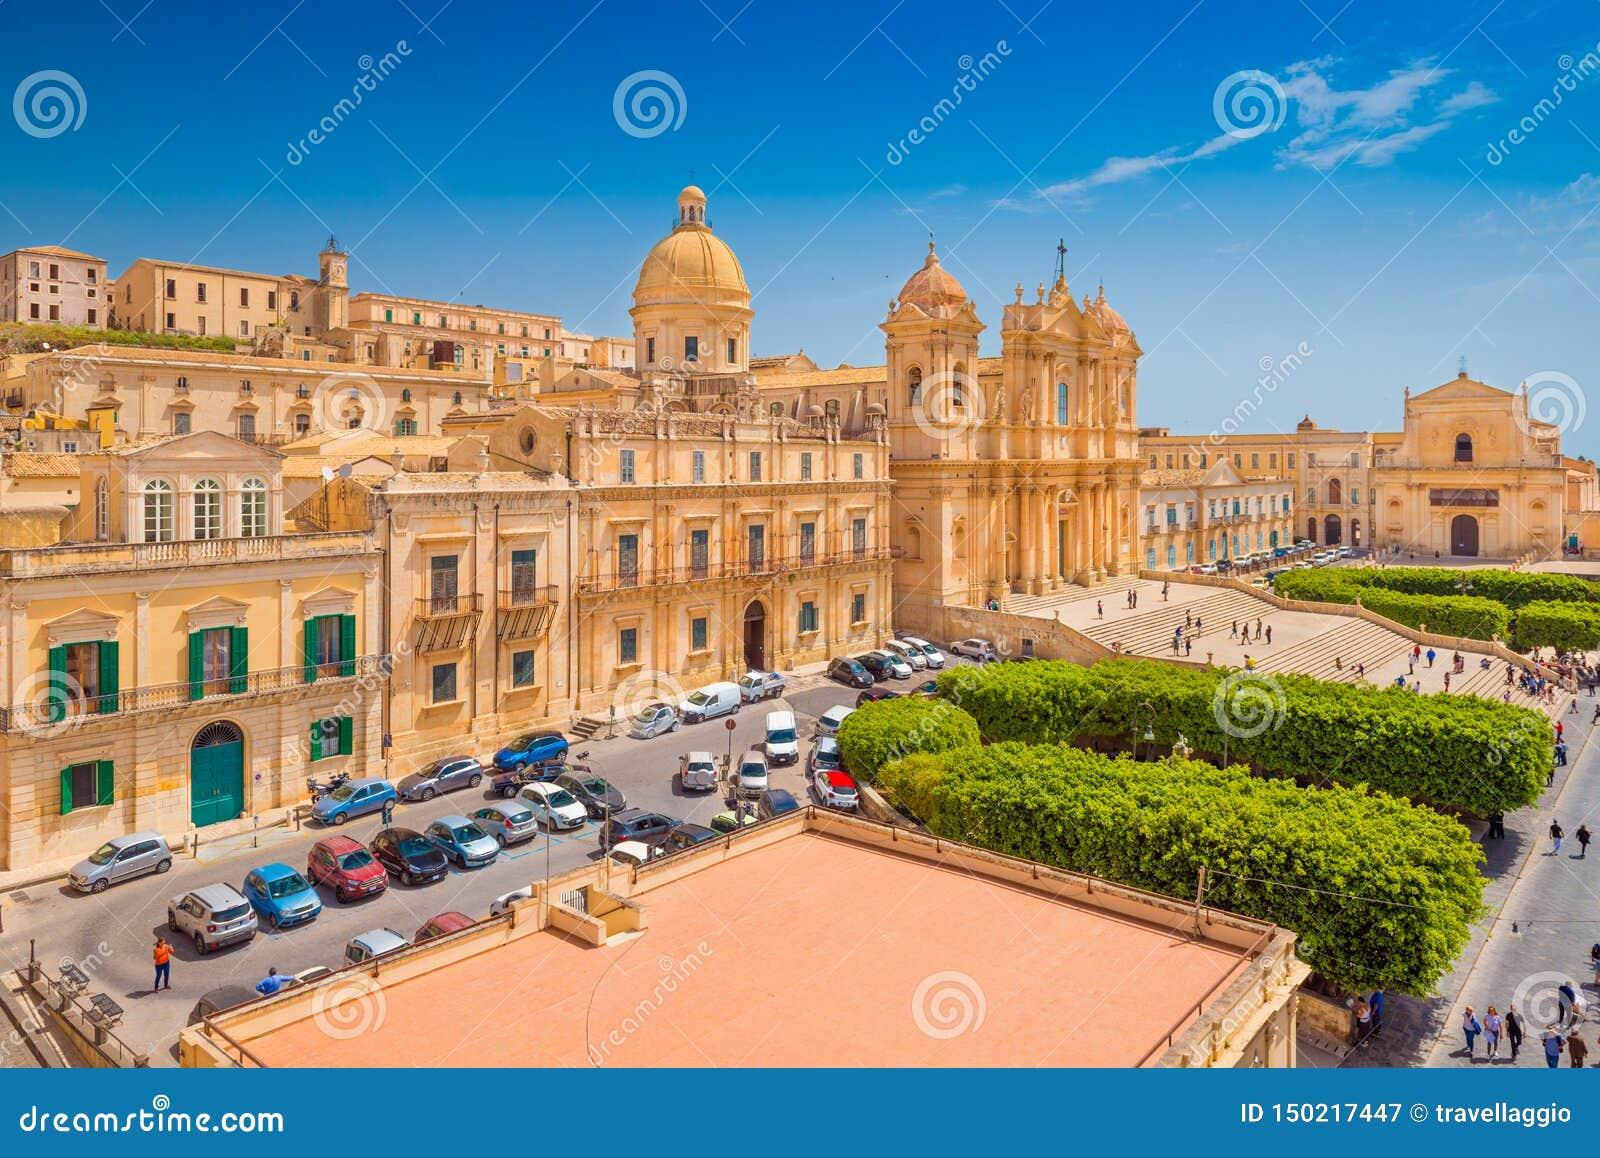 Bella città di Noto, capitale barrocco italiano Vista della cattedrale nel centro urbano Provincia di Siracusa, Sicilia, Italia